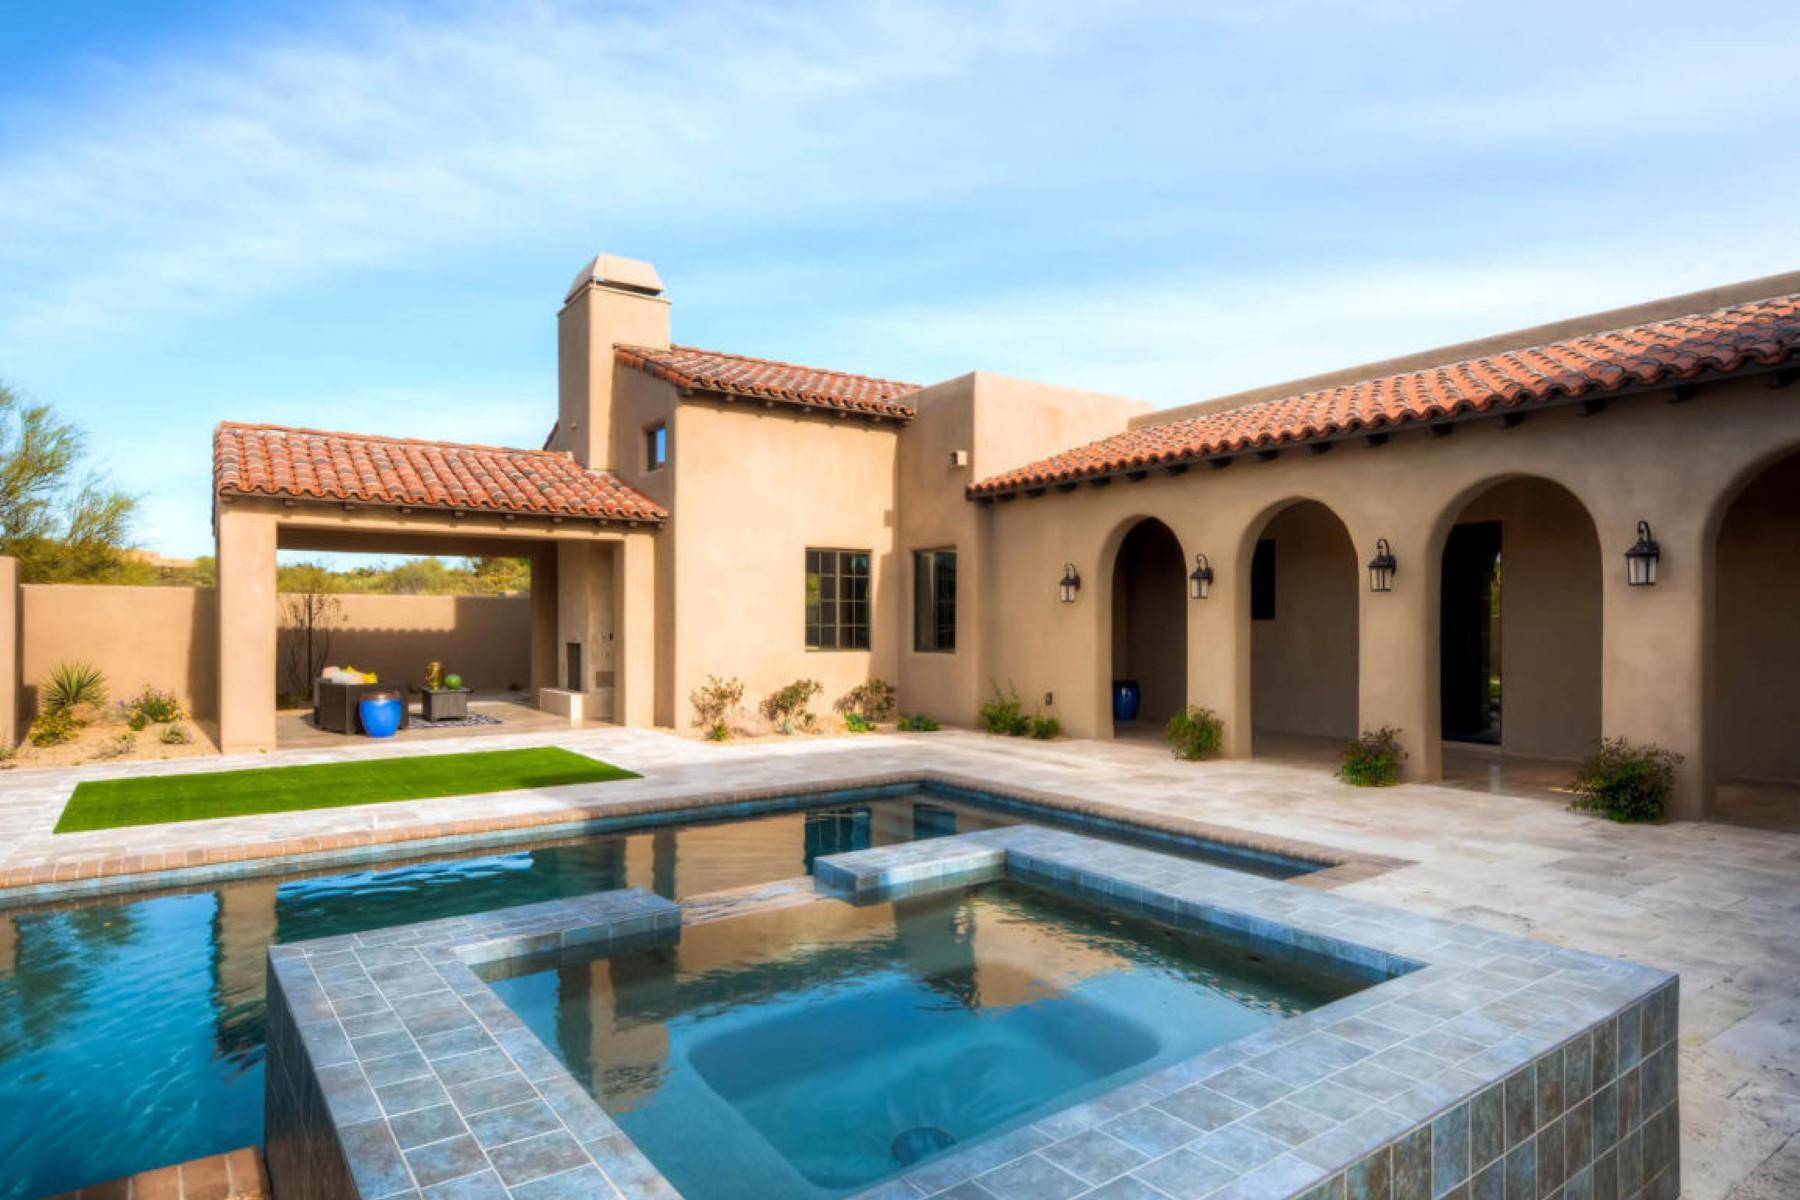 Maison unifamiliale pour l Vente à Beautiful Santa Barbara Mediterranean style home 38425 N 102nd St Scottsdale, Arizona, 85262 États-Unis